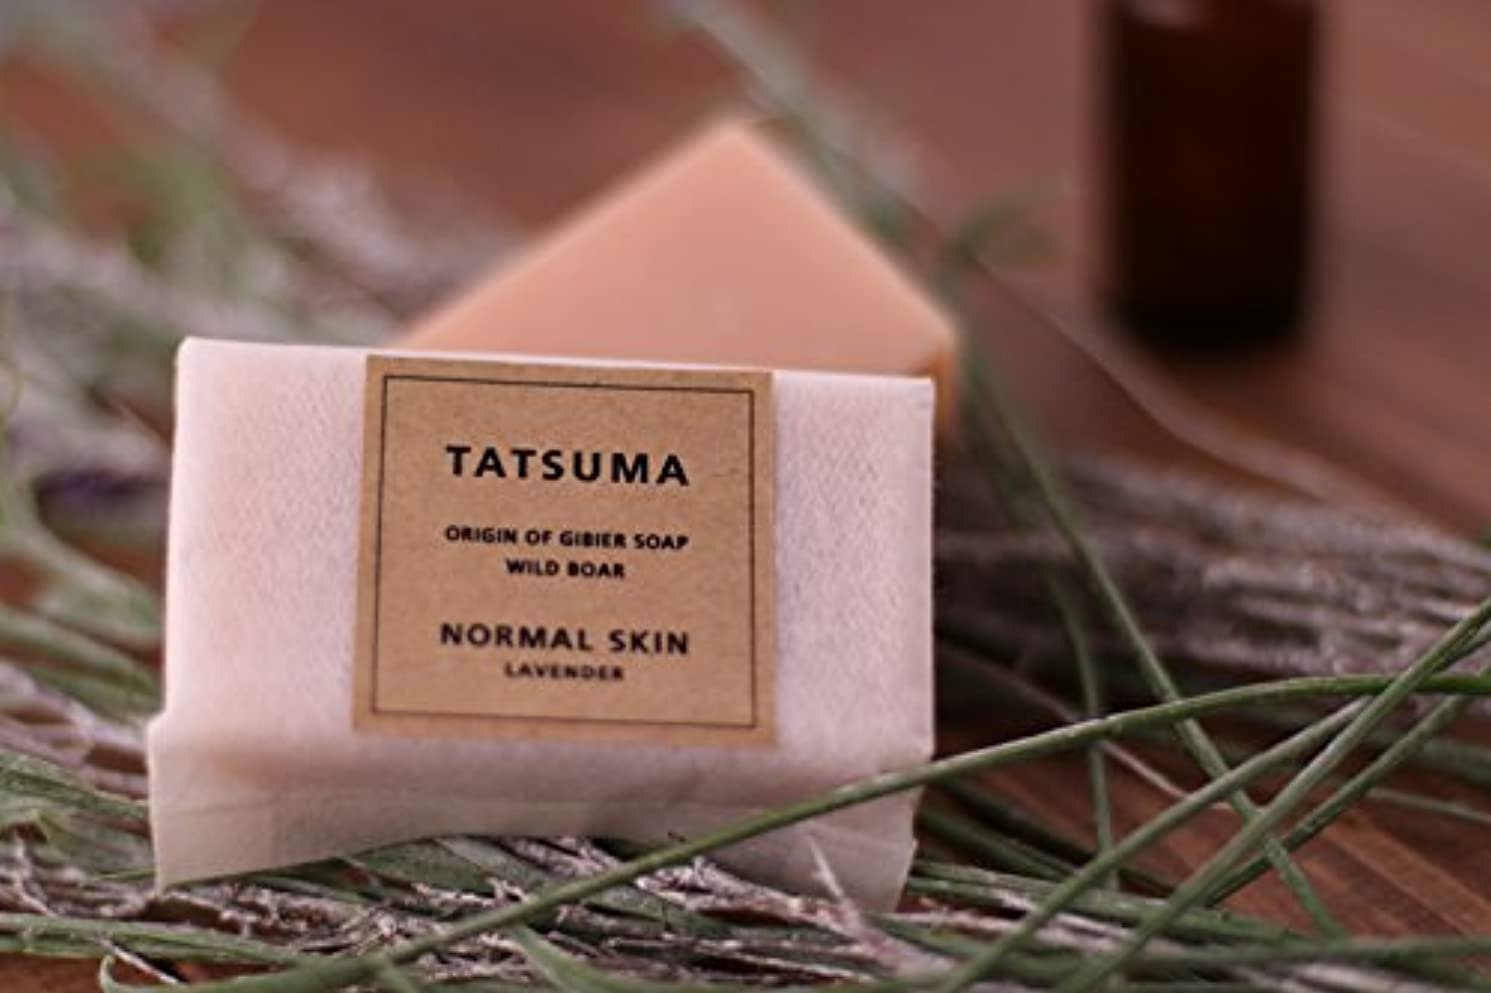 改善する遅らせるインドたつま石鹸21(化粧石鹸) 非加熱製法   TATSUMA NORMAL SKIN LAVENDER